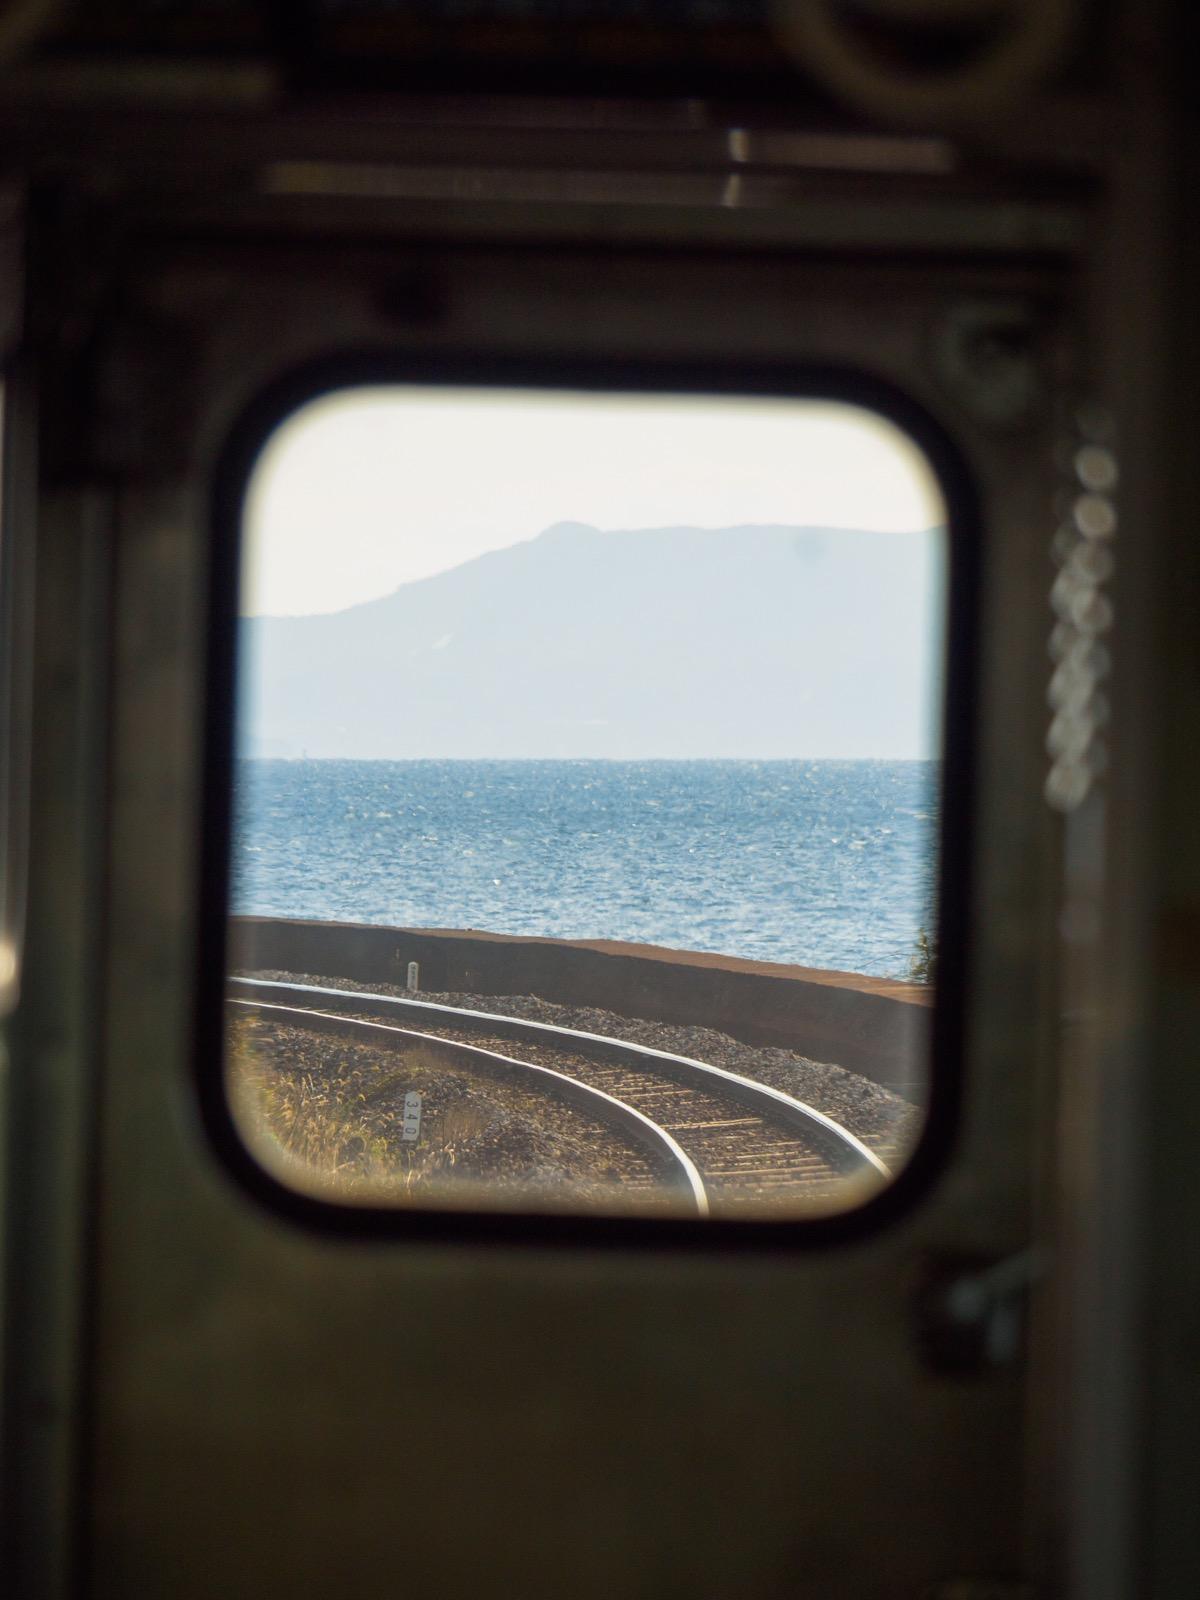 千綿駅に停車中の列車からの車窓